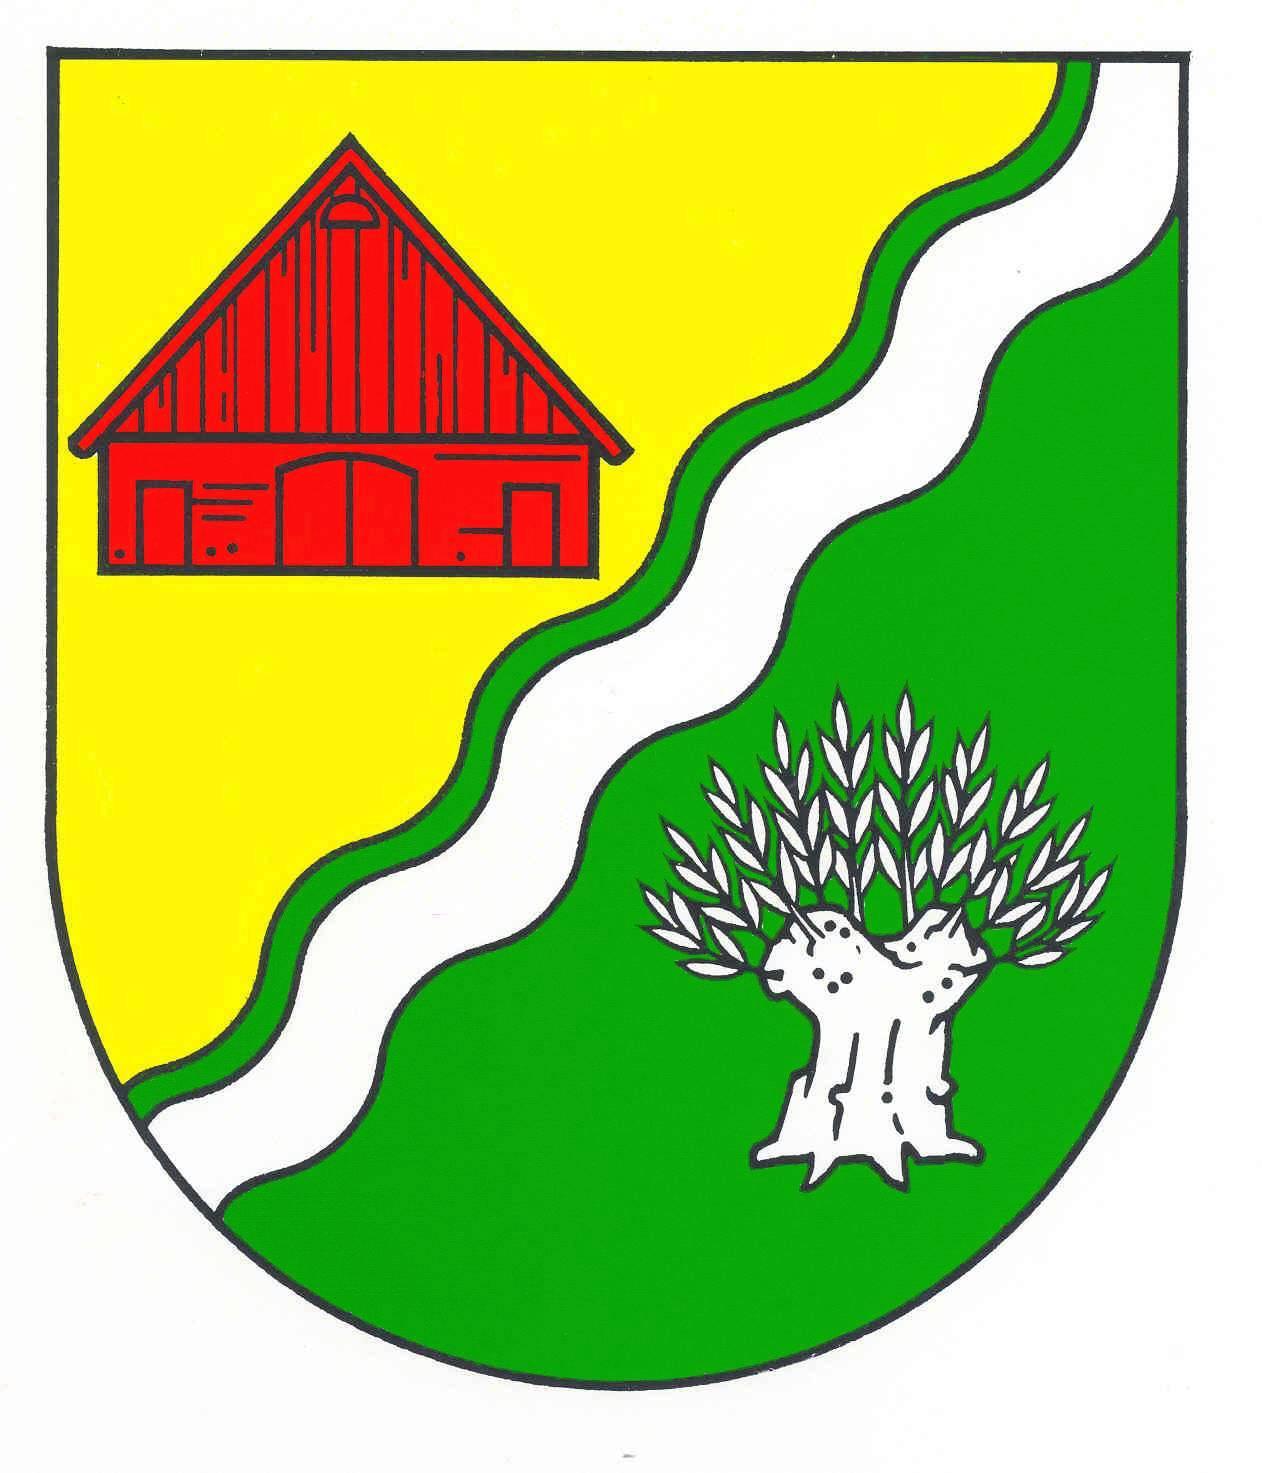 Wappen GemeindeNeuendeich, Kreis Pinneberg